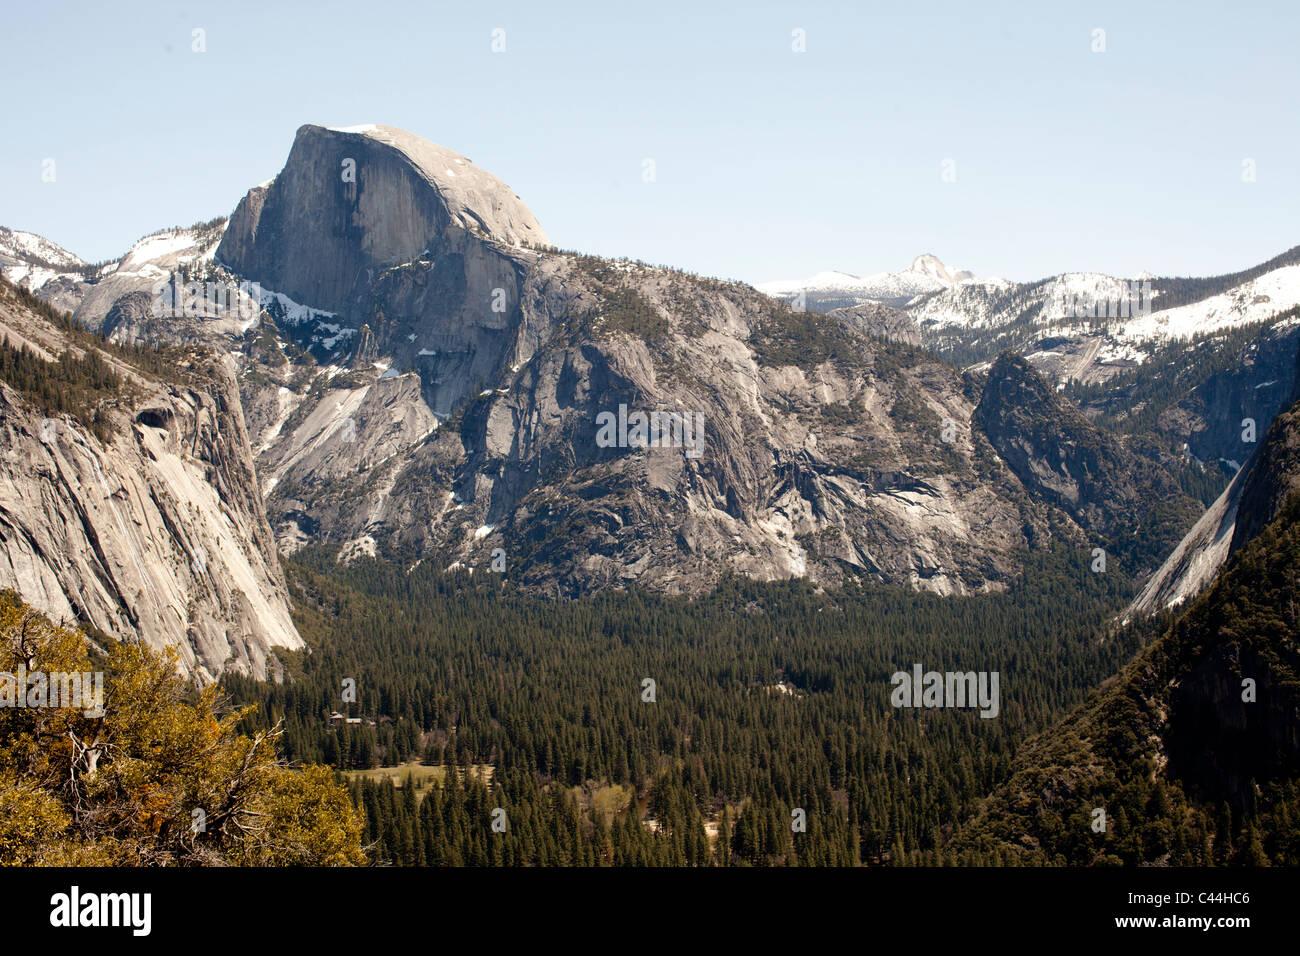 Demi Dôme à Yosemite National Park au printemps vu de la promenade pour Yosemite Falls. Banque D'Images